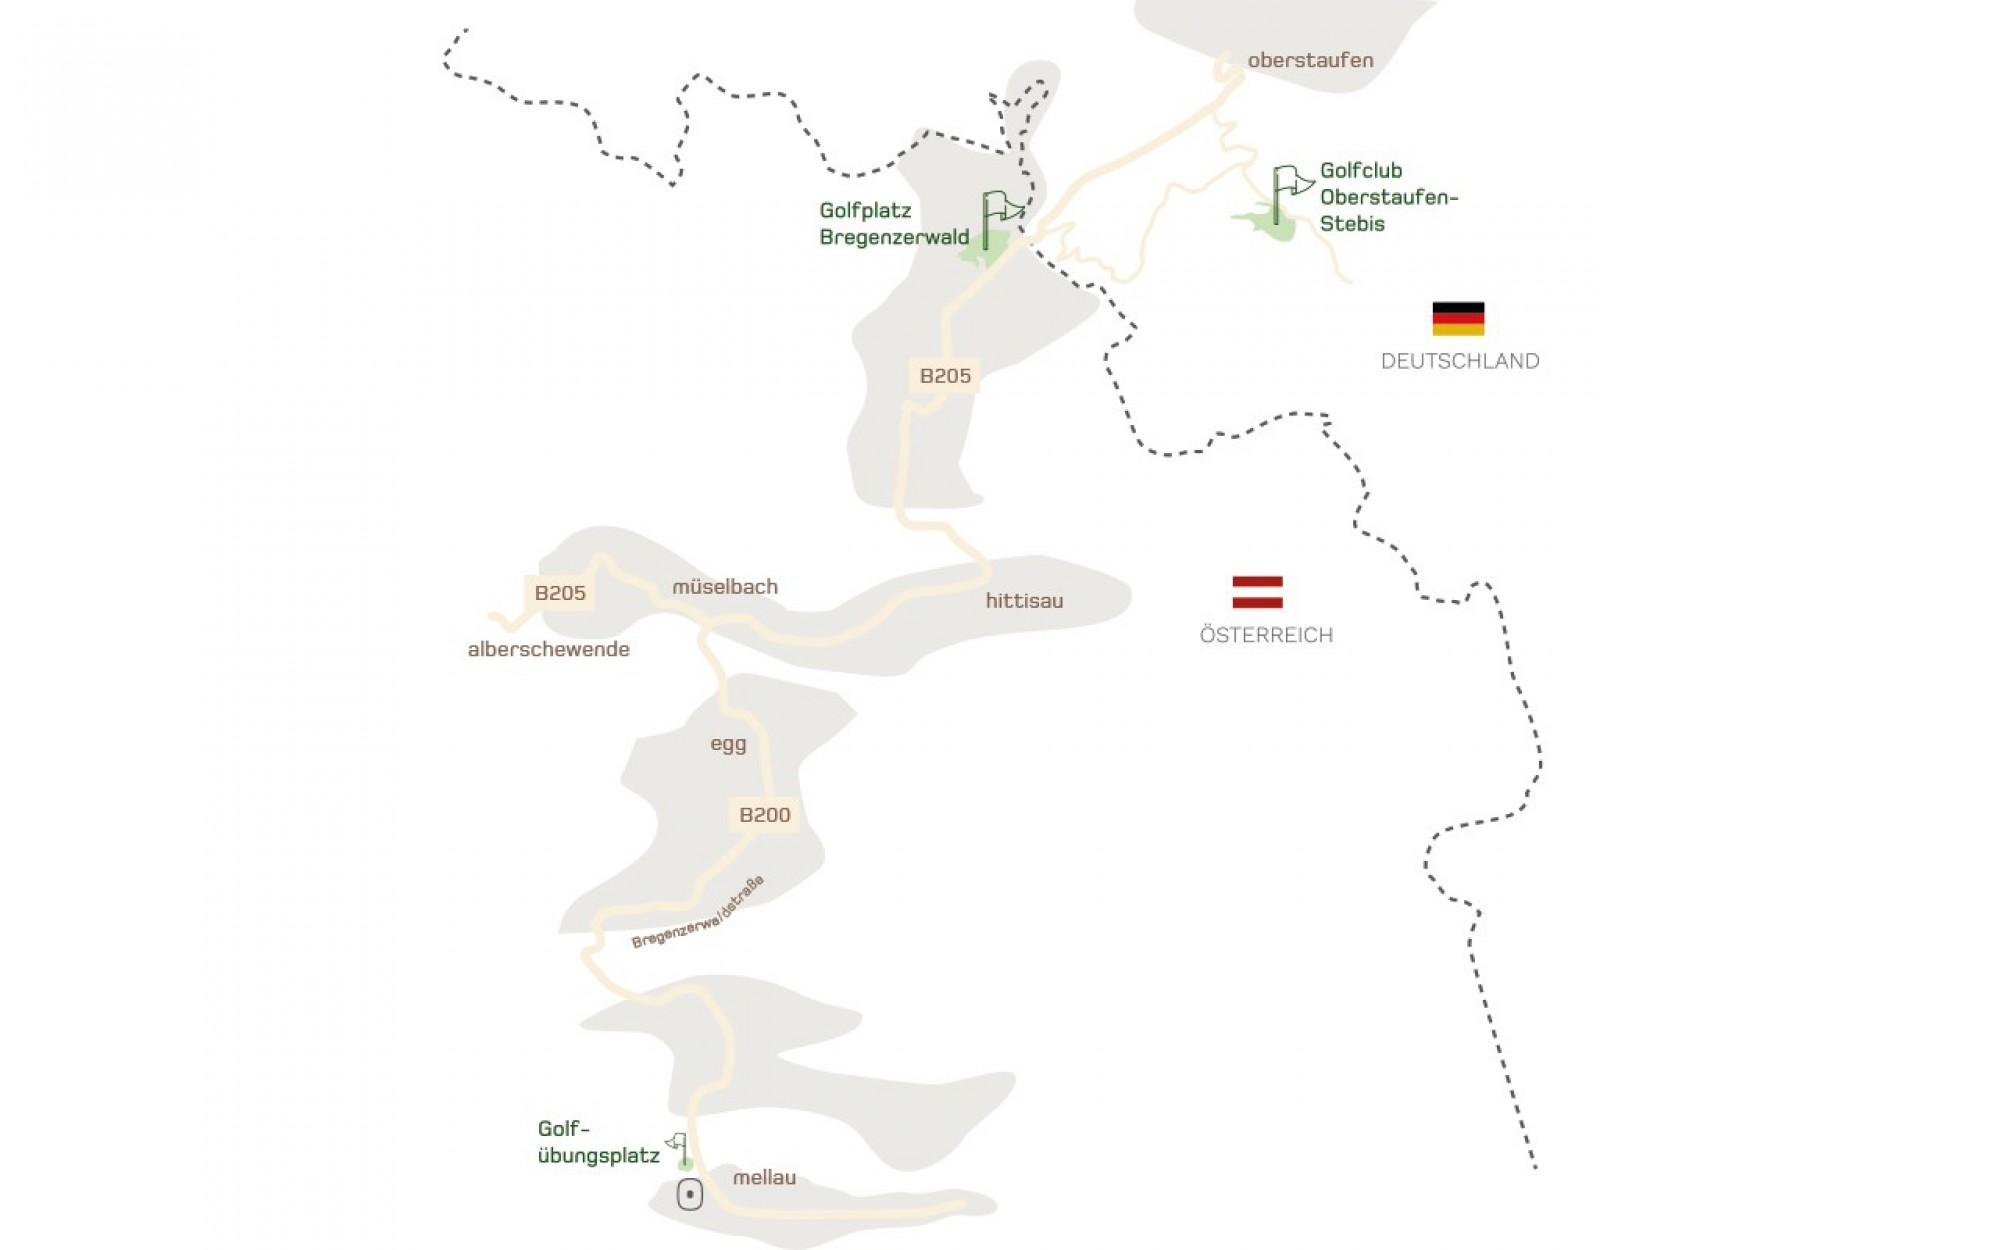 Angebote Seminare und Tagungen Hittisau - Bergfex